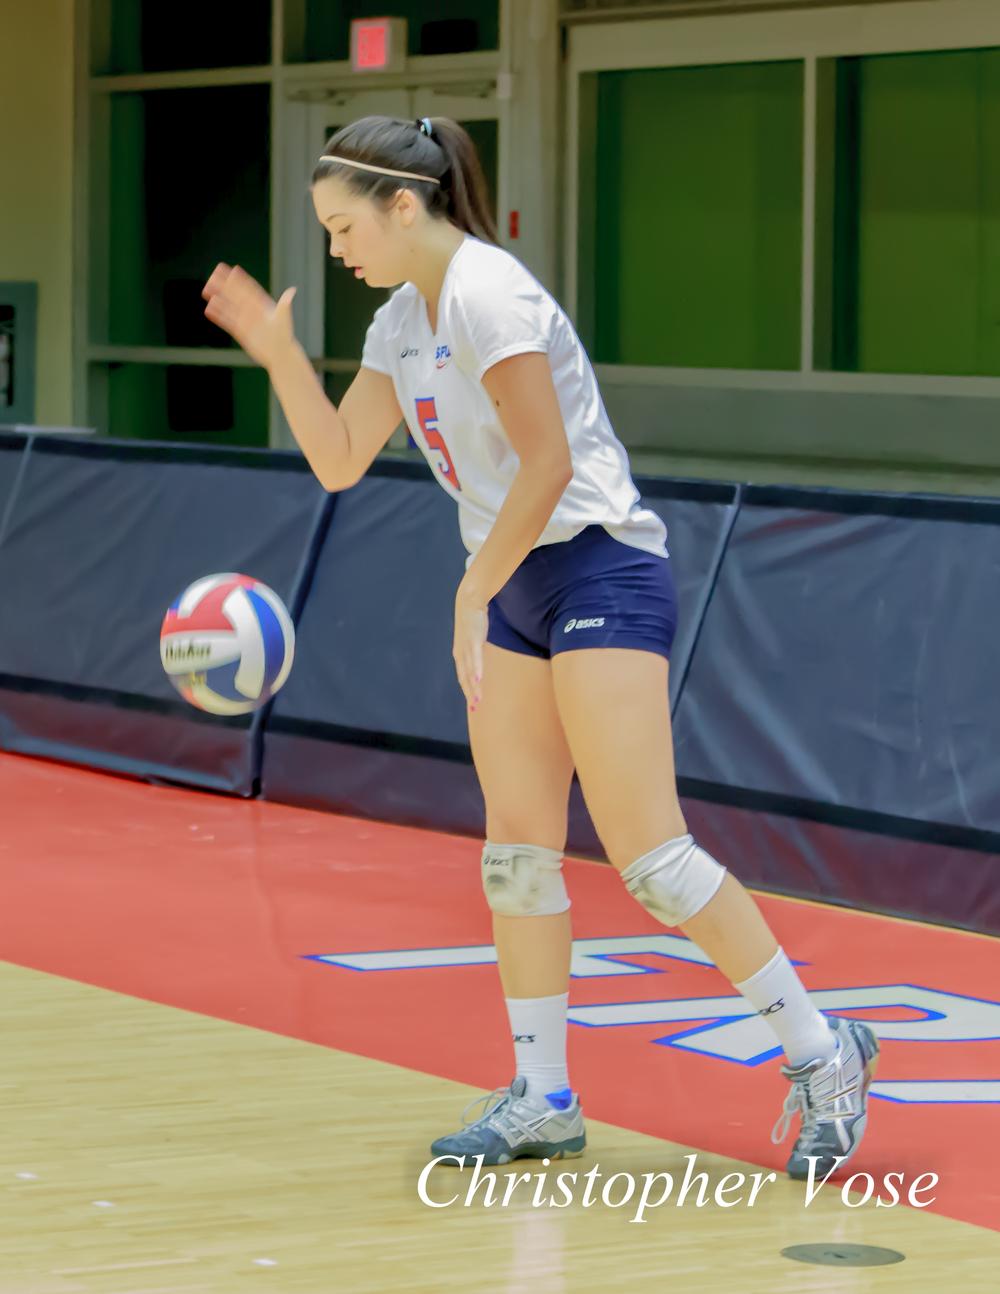 2012-10-13 Alanna Chan 1.jpg